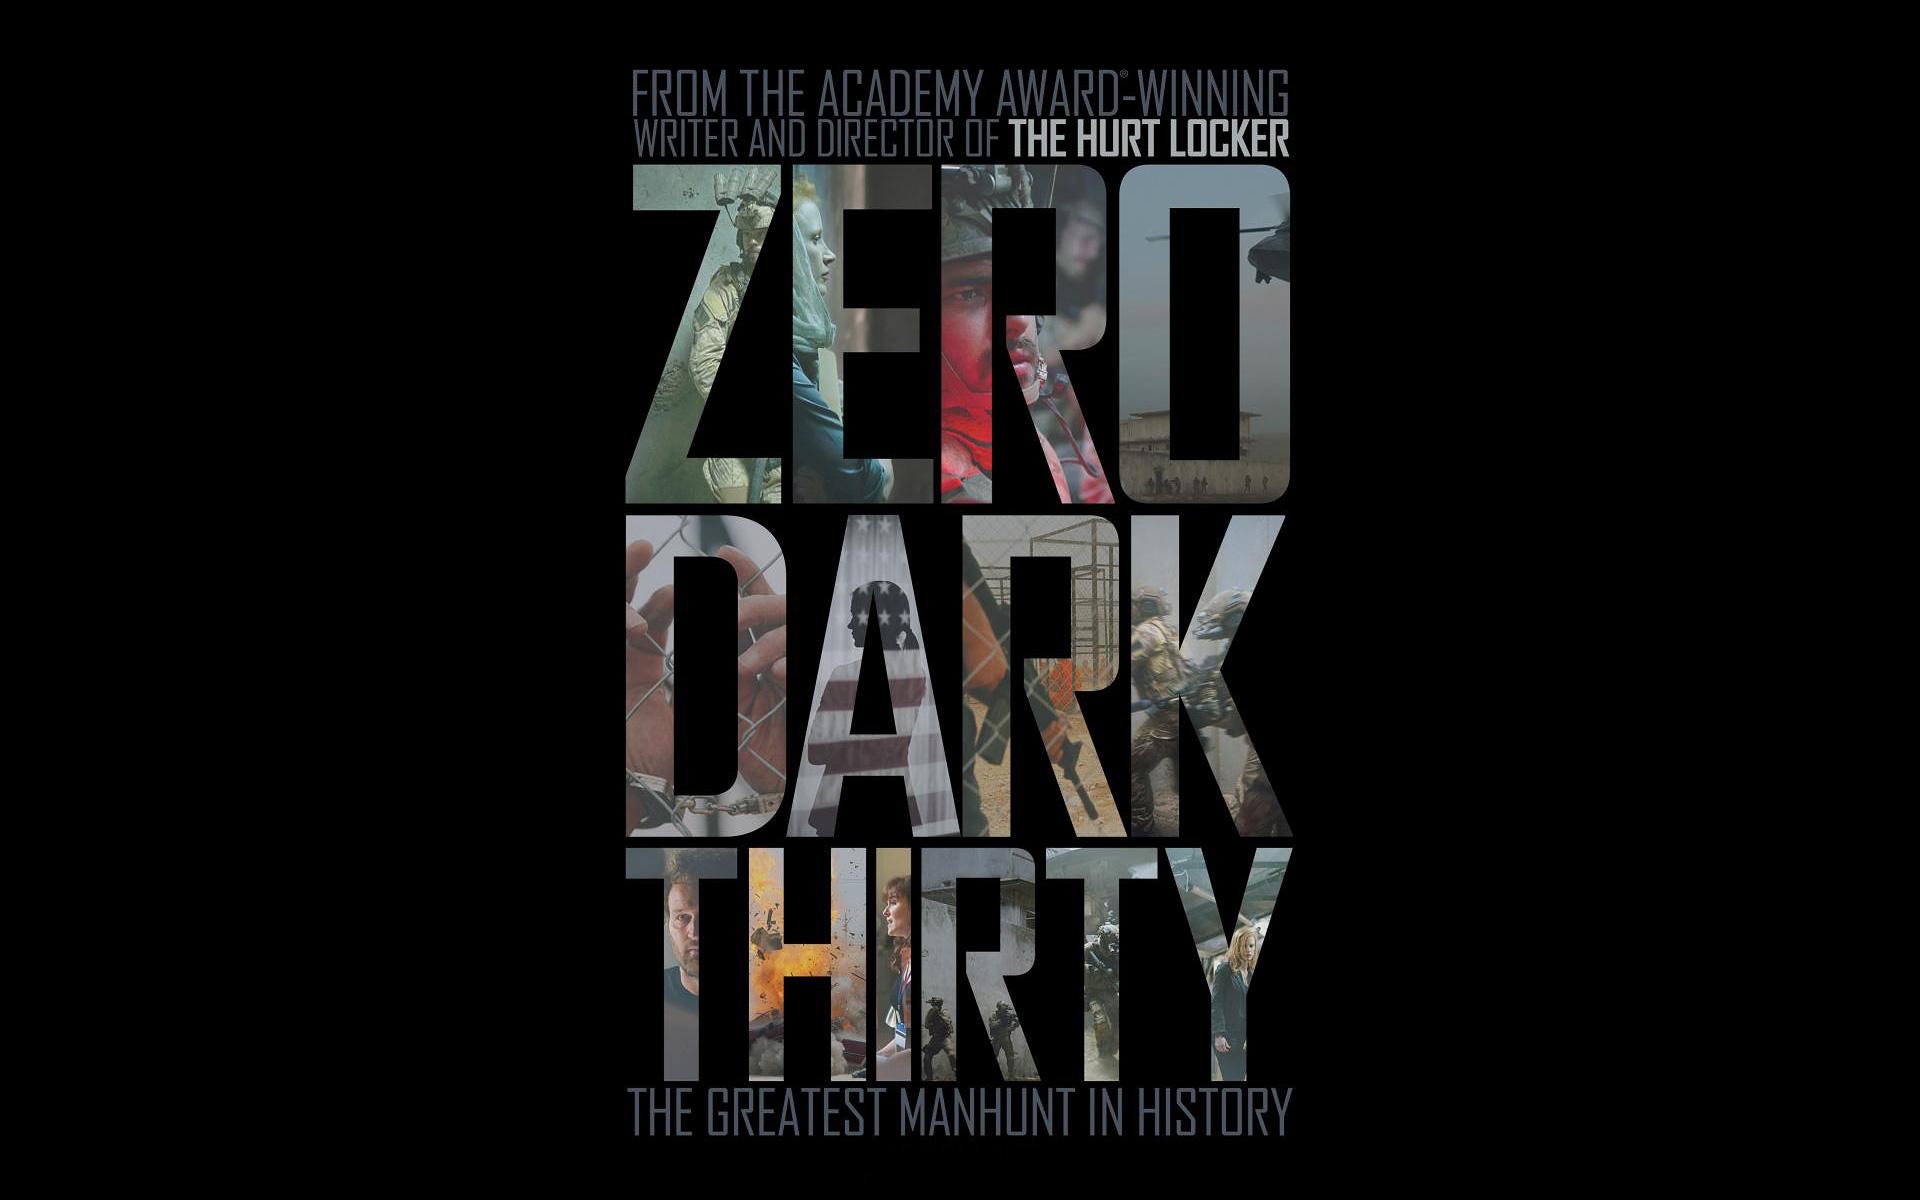 Interview with Gaelle Cohen from Zero Dark Thirty